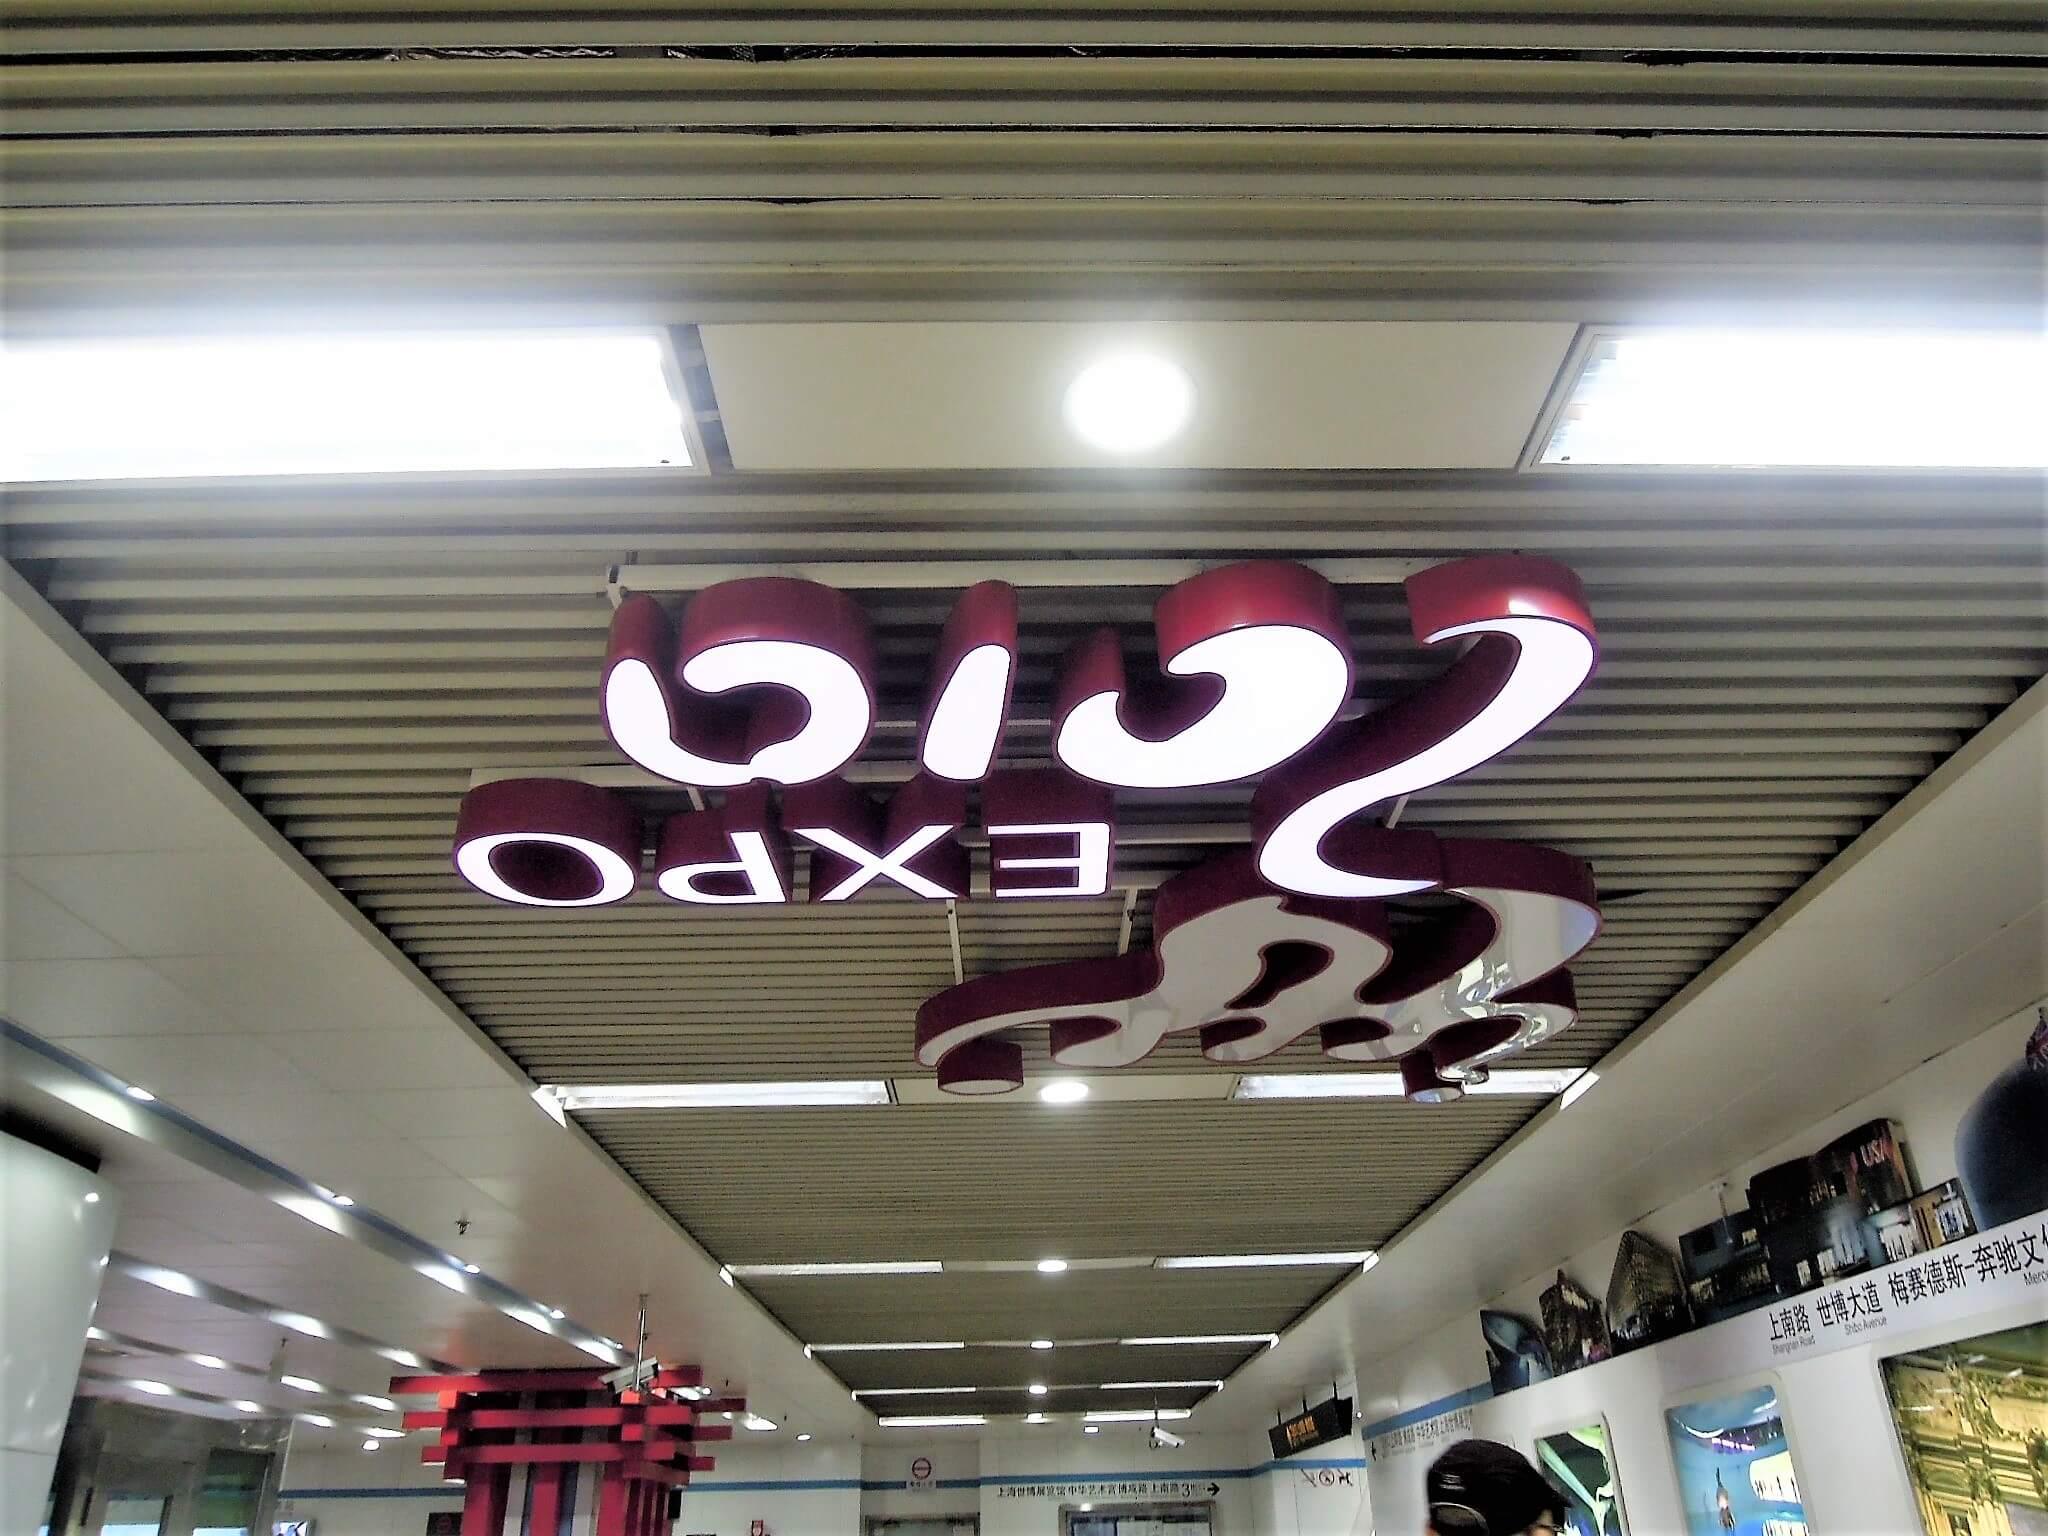 Shanghai tudja hasznosítani az expo épületeit?